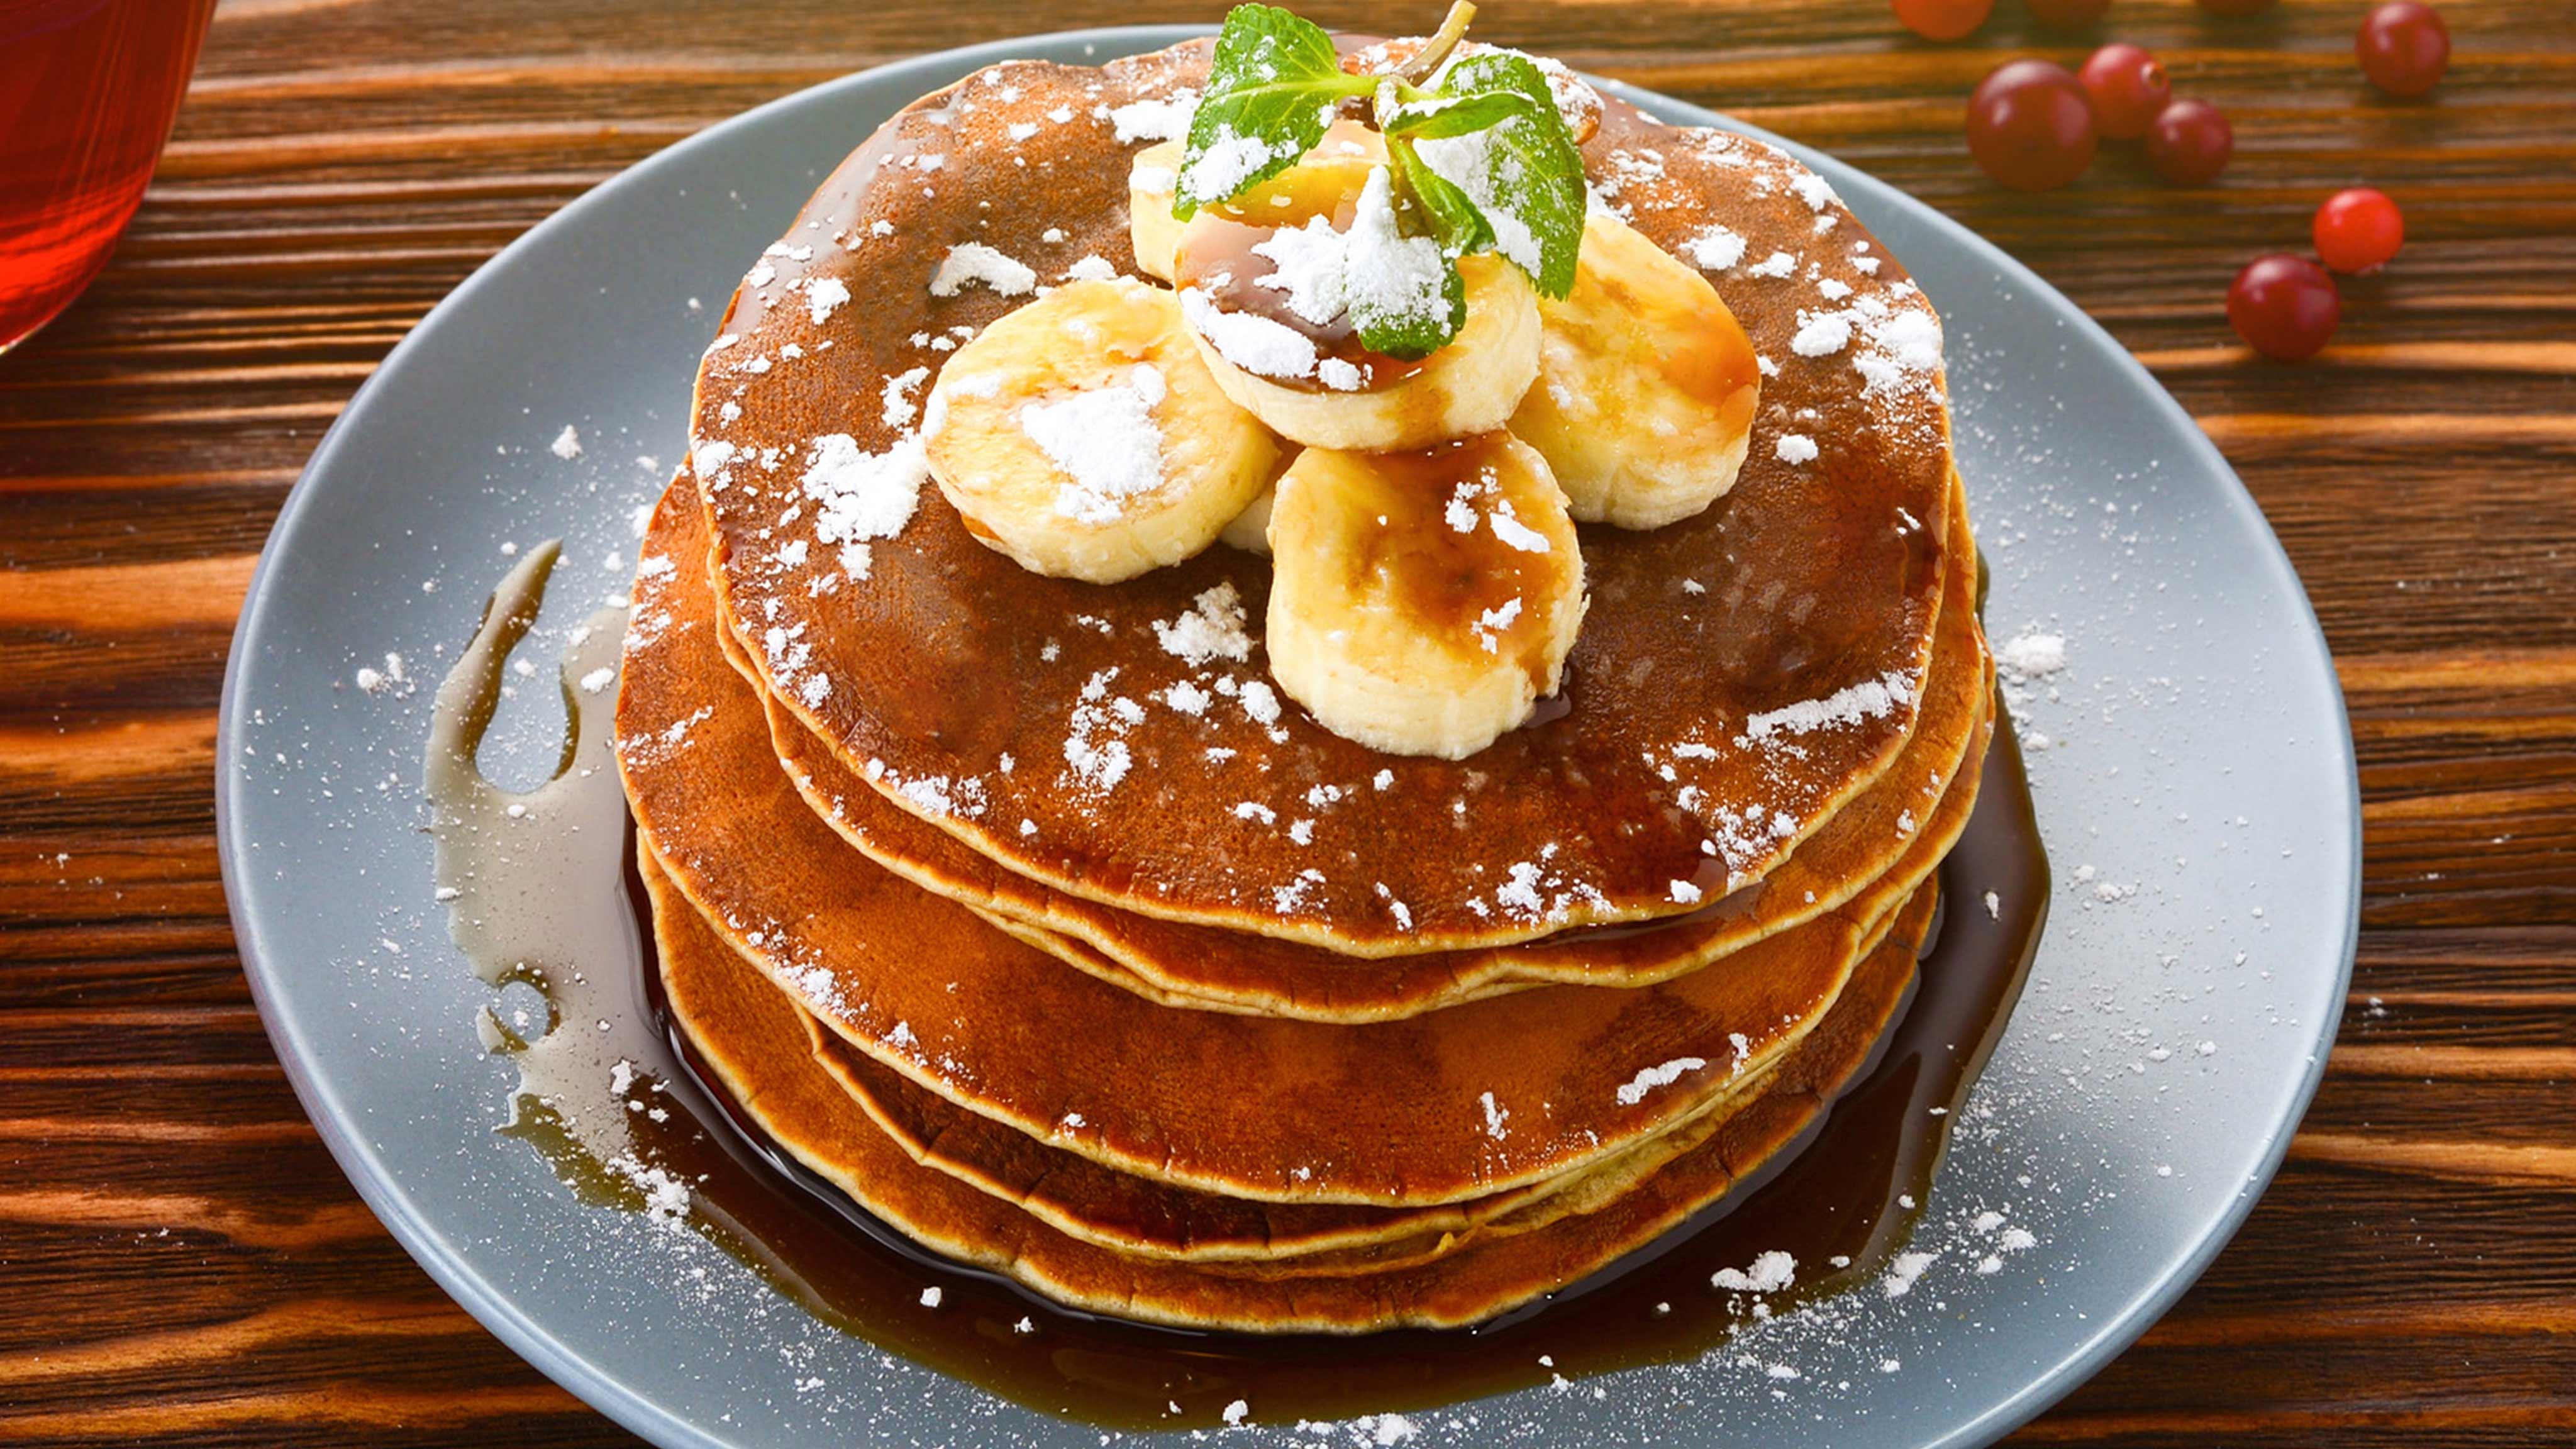 Image for Recipe Banana Pancakes